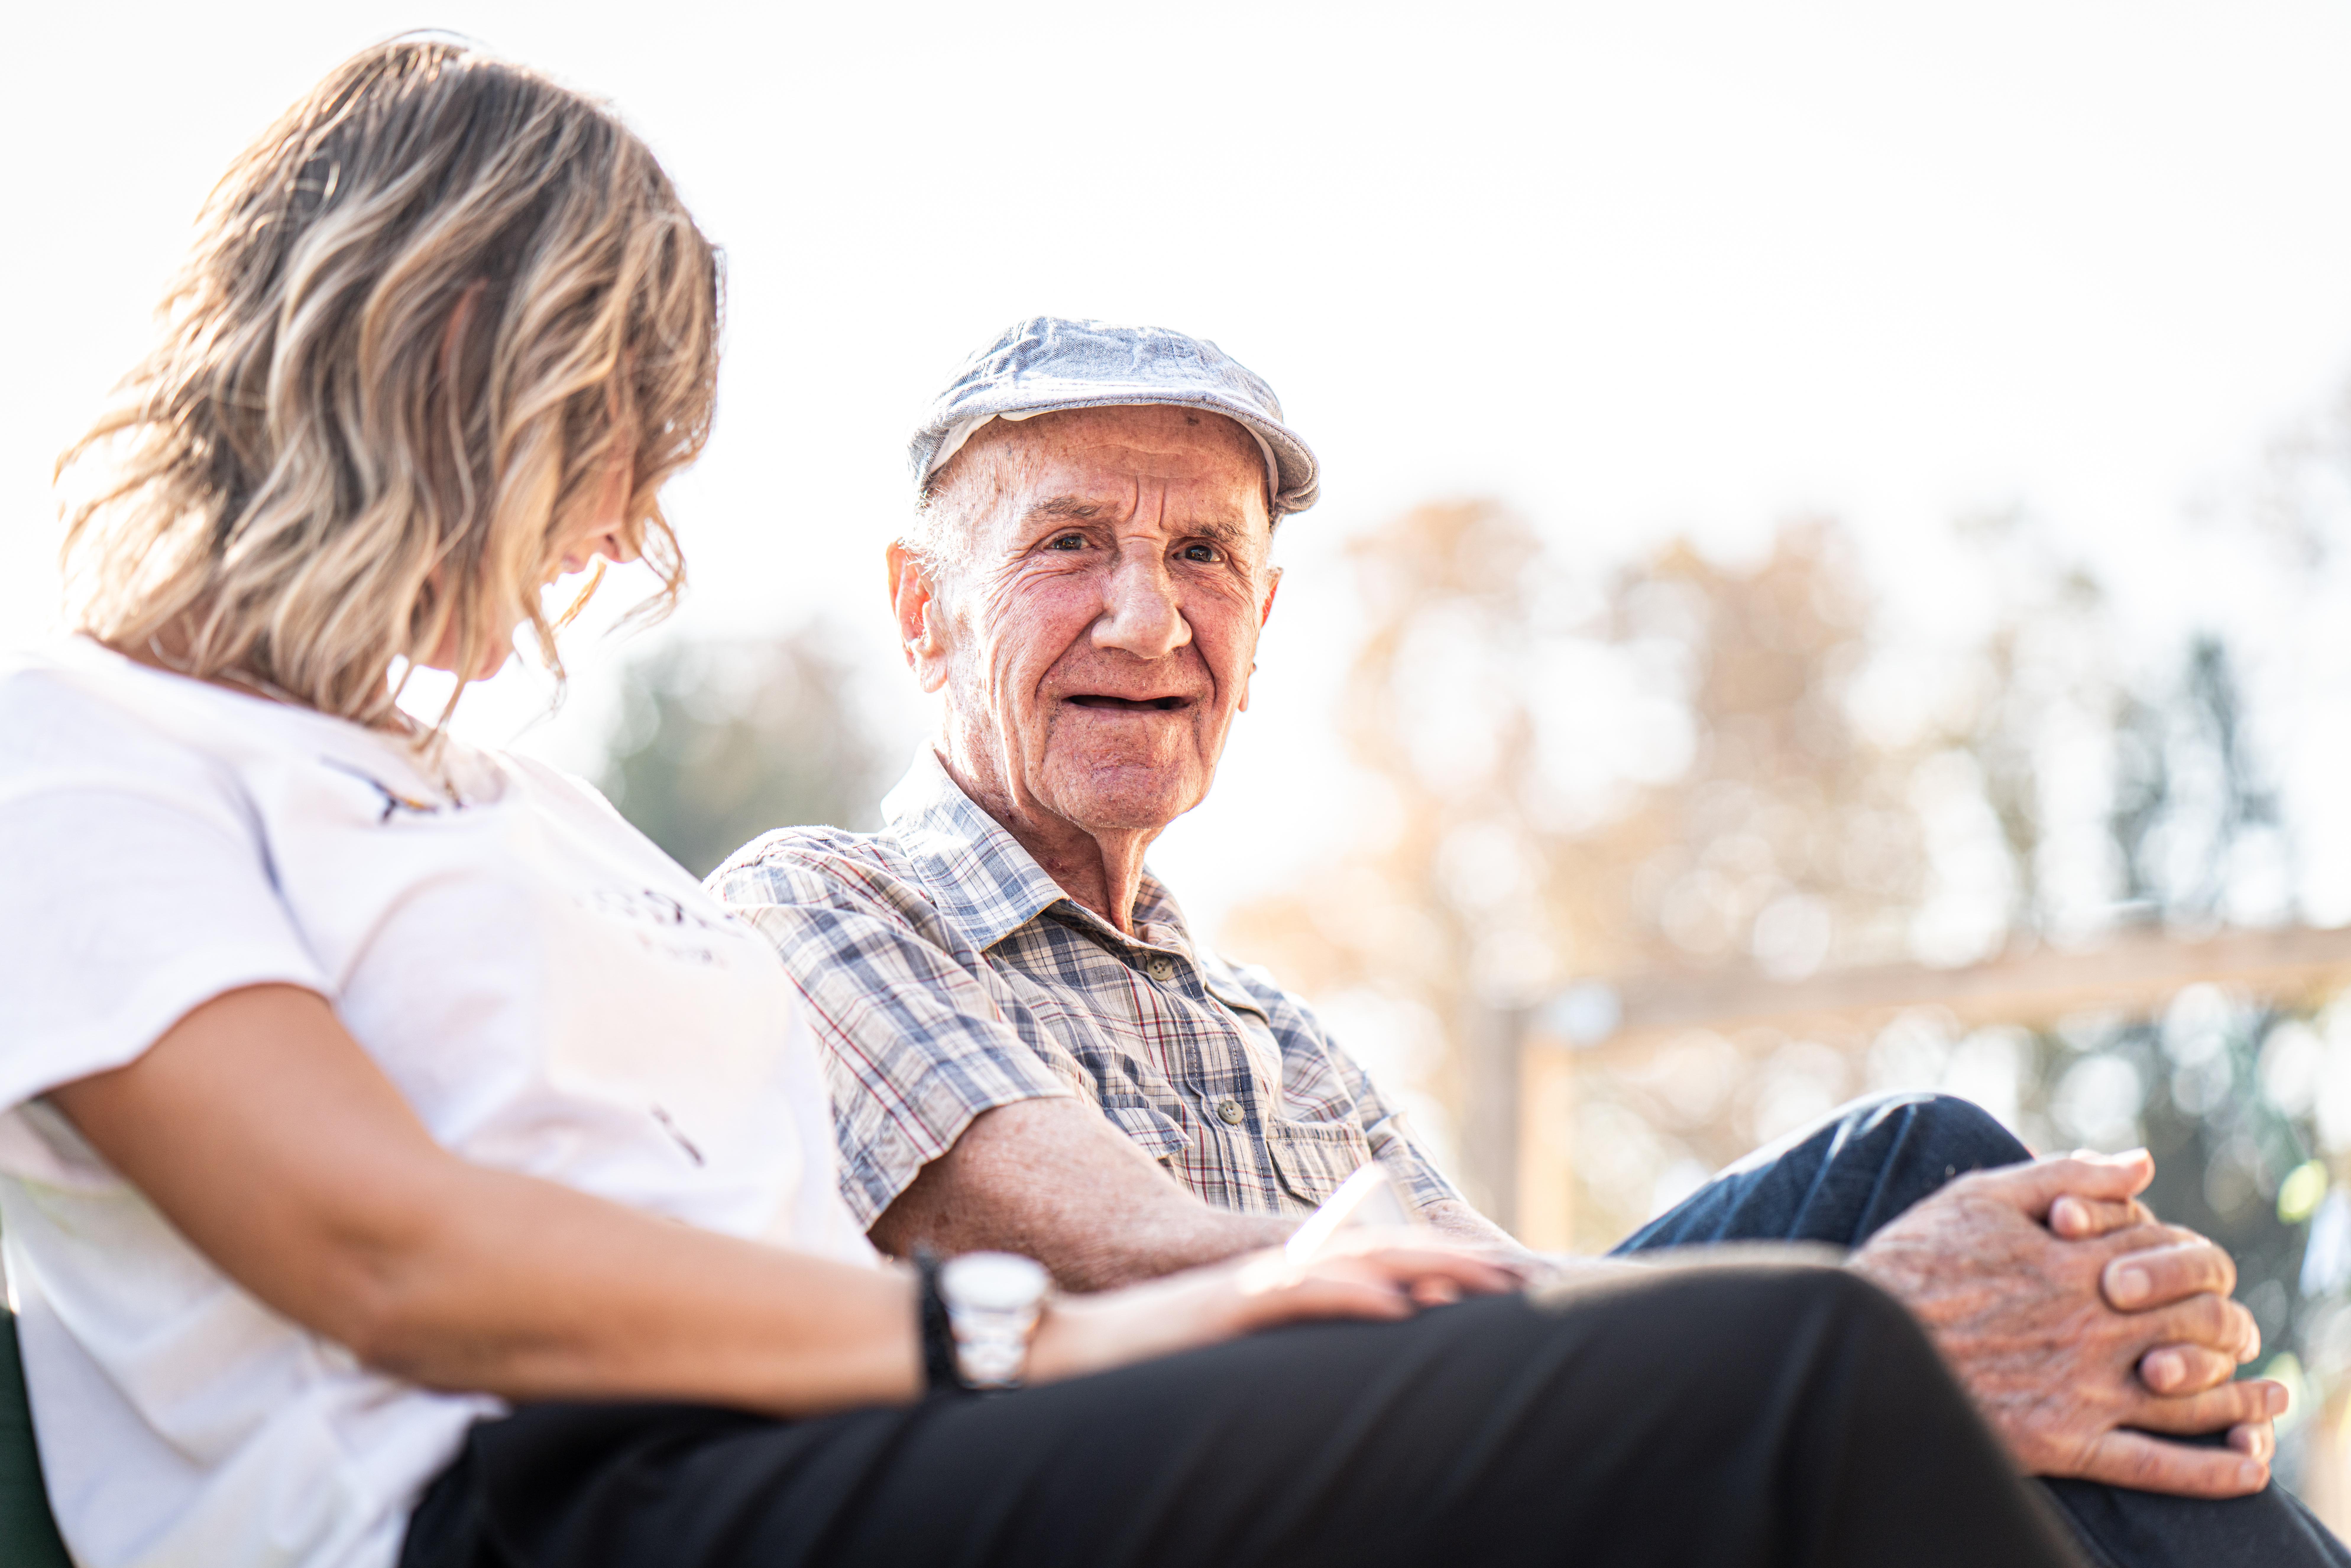 les besoins psychiques des personnes âgées